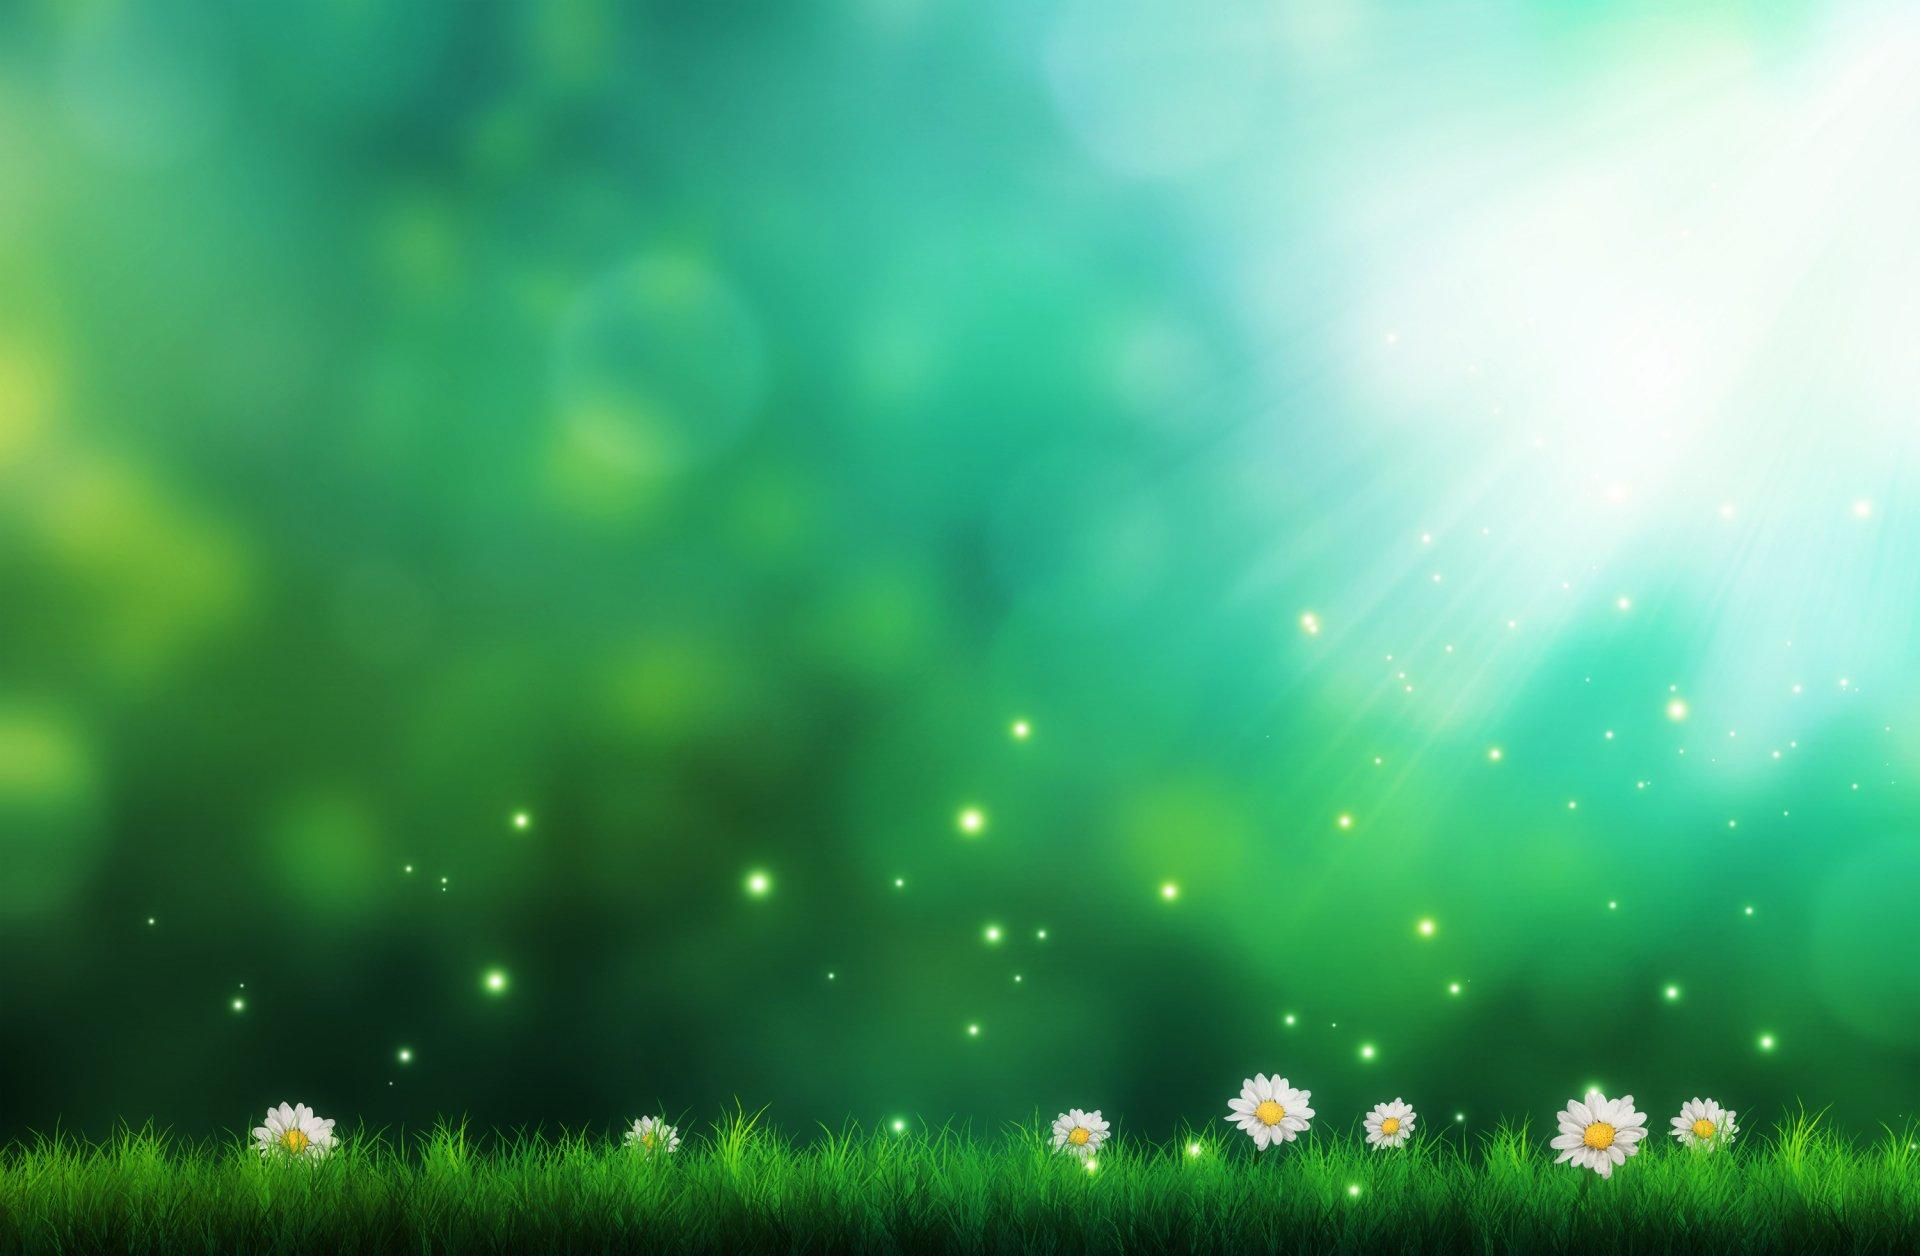 Artistique - Autre  Fleur Lumière Vert Forêt Fond d'écran